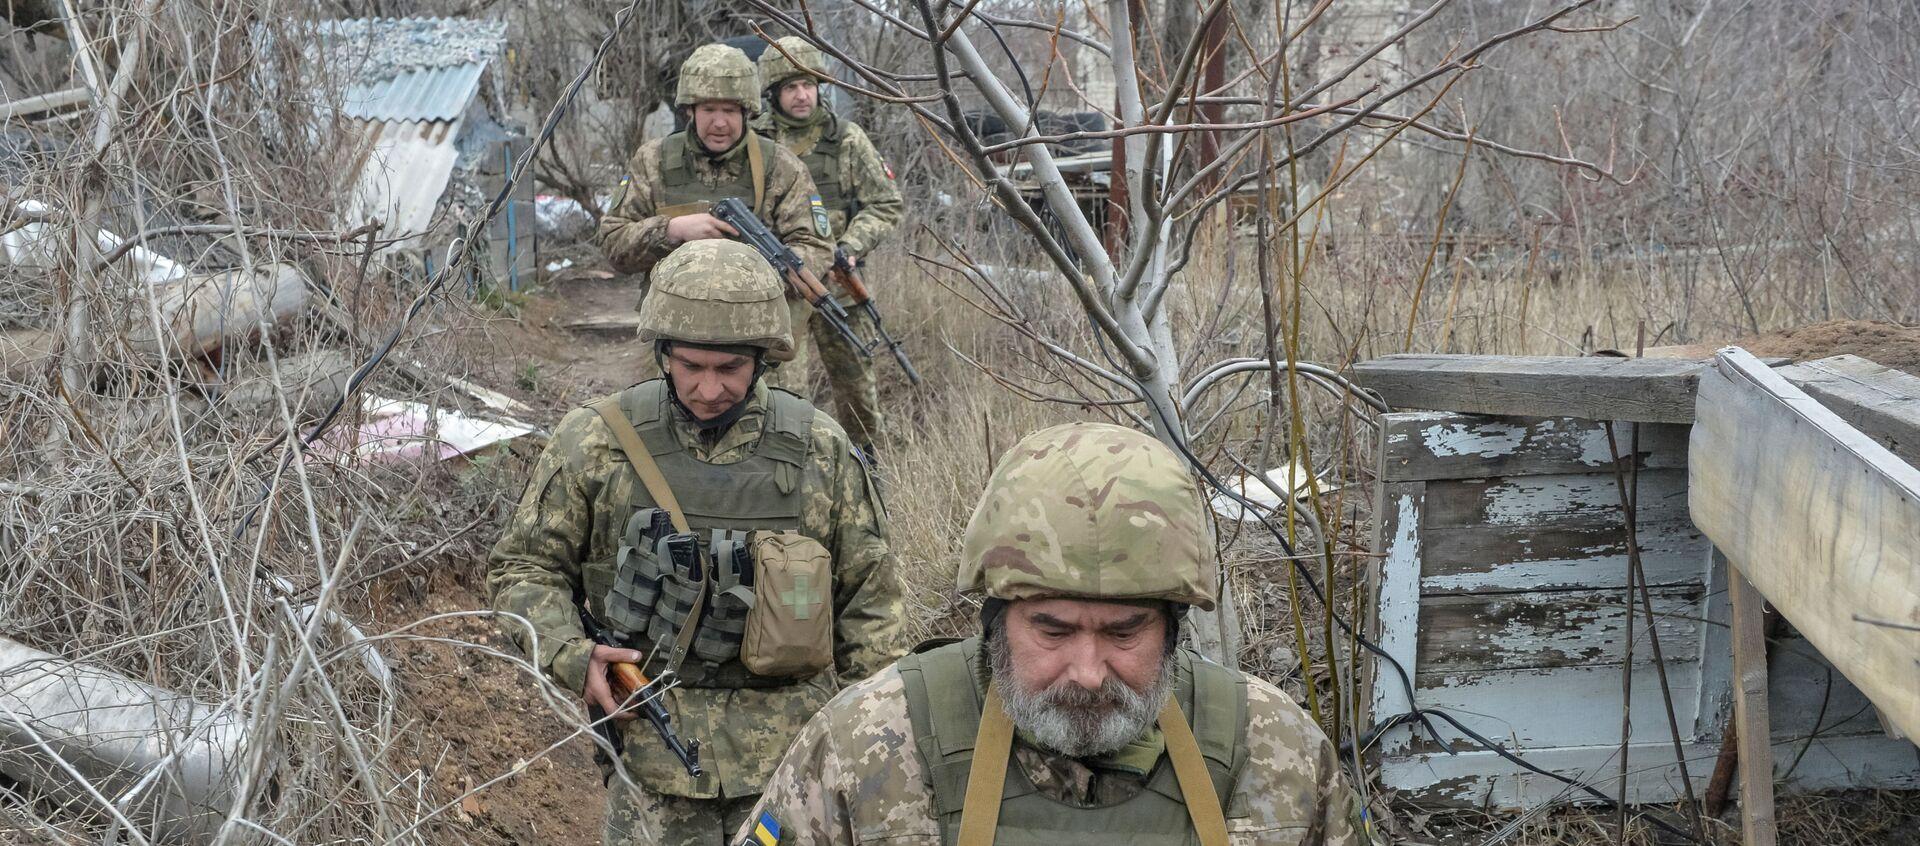 Donetsk yakınlarındaki Ukrayna askerleri - Sputnik Türkiye, 1920, 12.04.2021